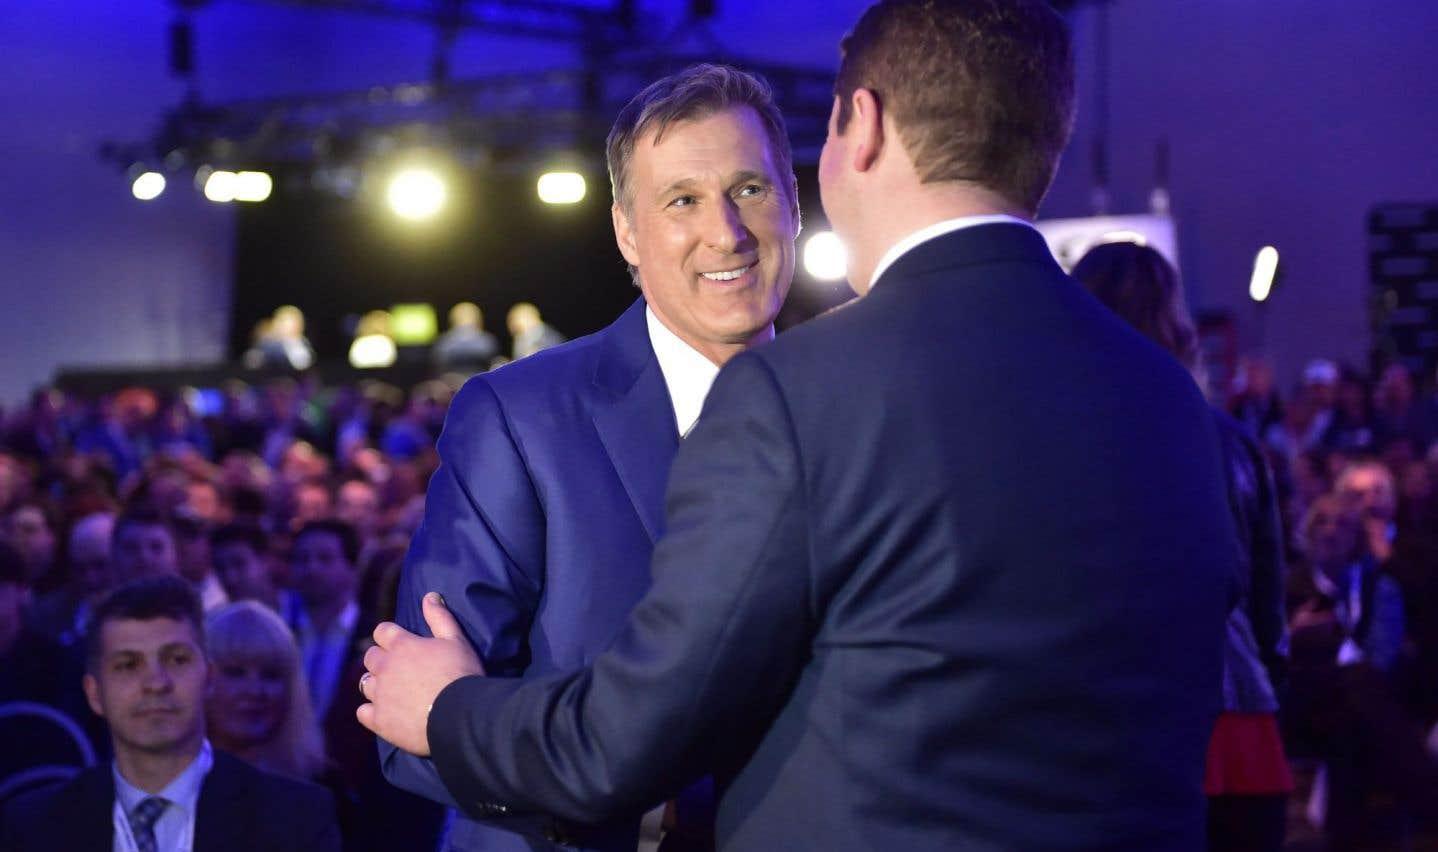 Maxime Bernier et le nouveau chef du Parti conservateur, Andrew Scheer, se serre la main avant la tenue du scrutin, le 27 mai 2017.